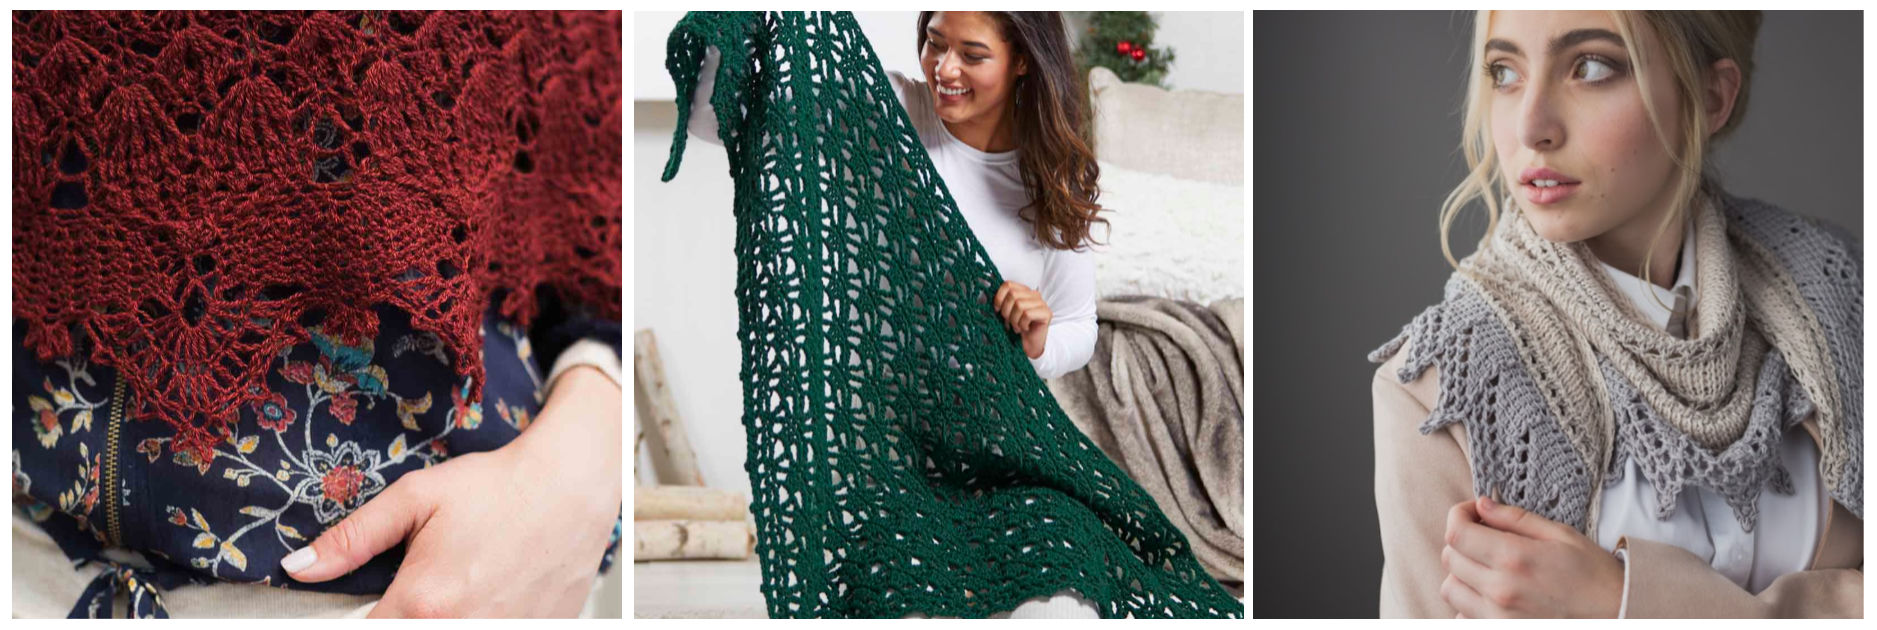 crochet shawls wraps shawlettes